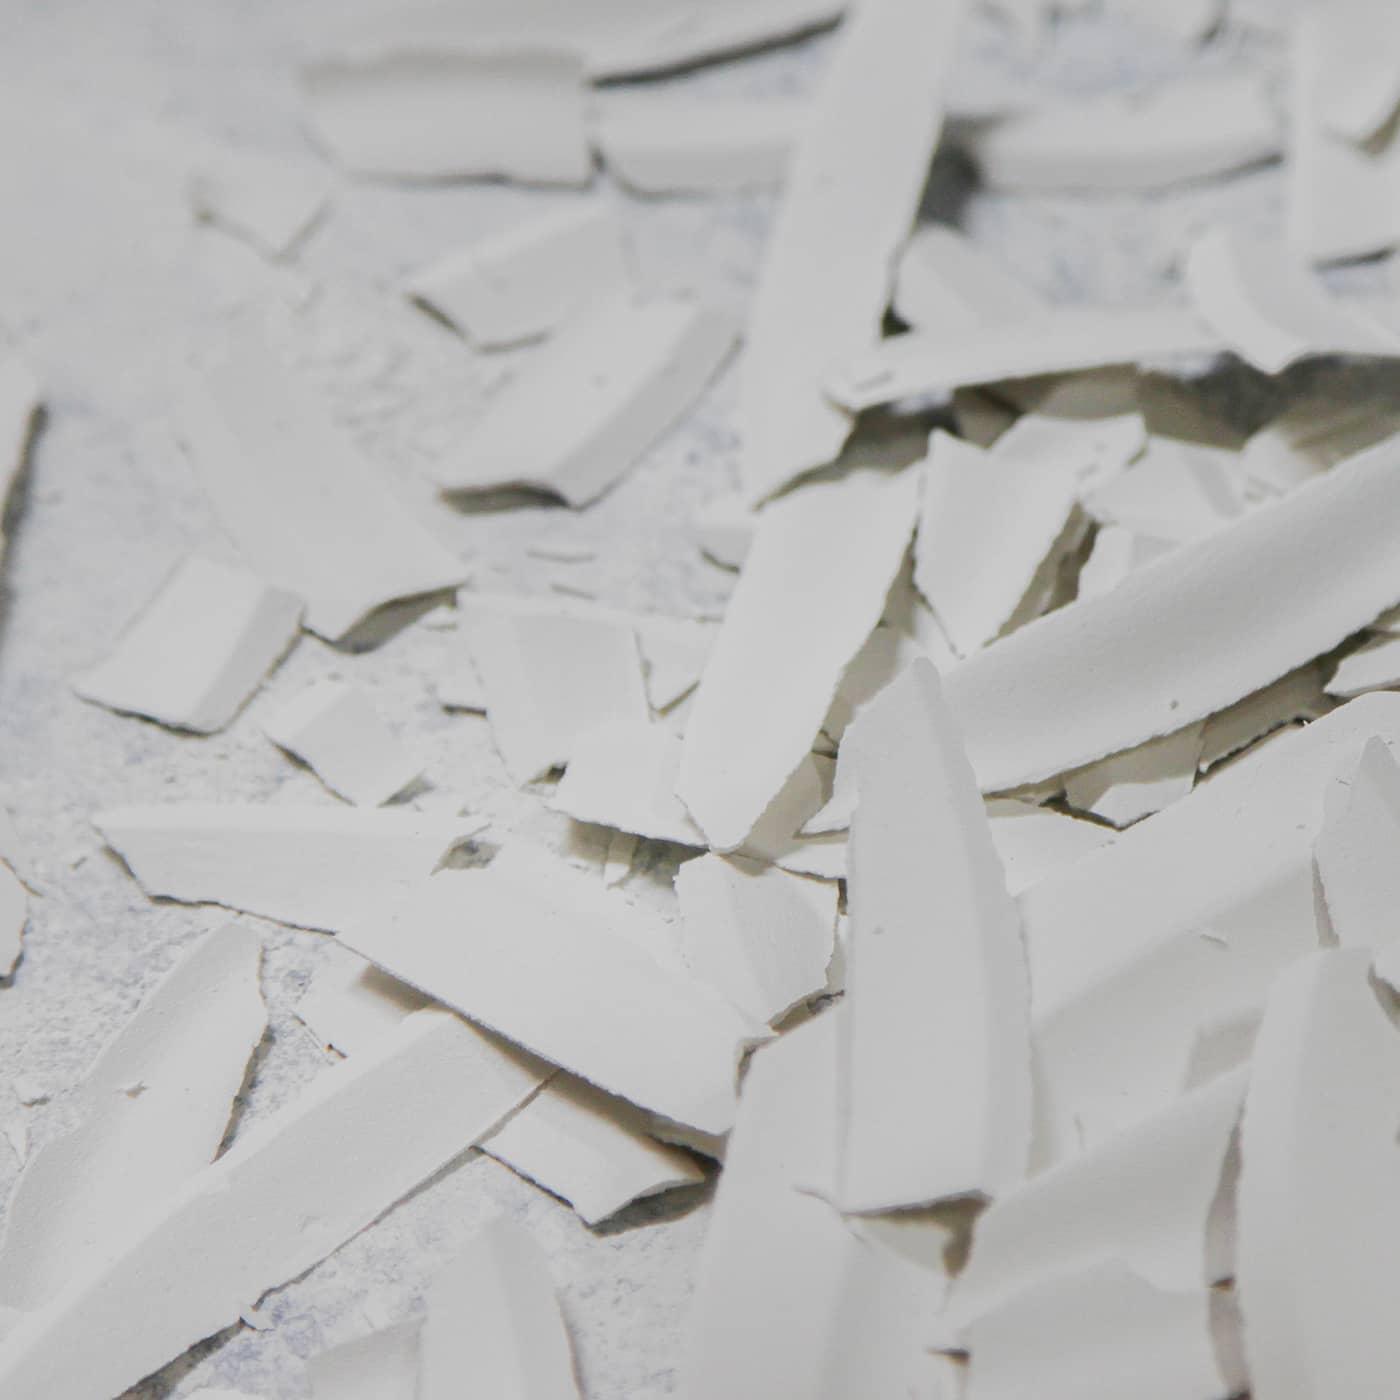 Dépot de pâte à porcelaine à recycler